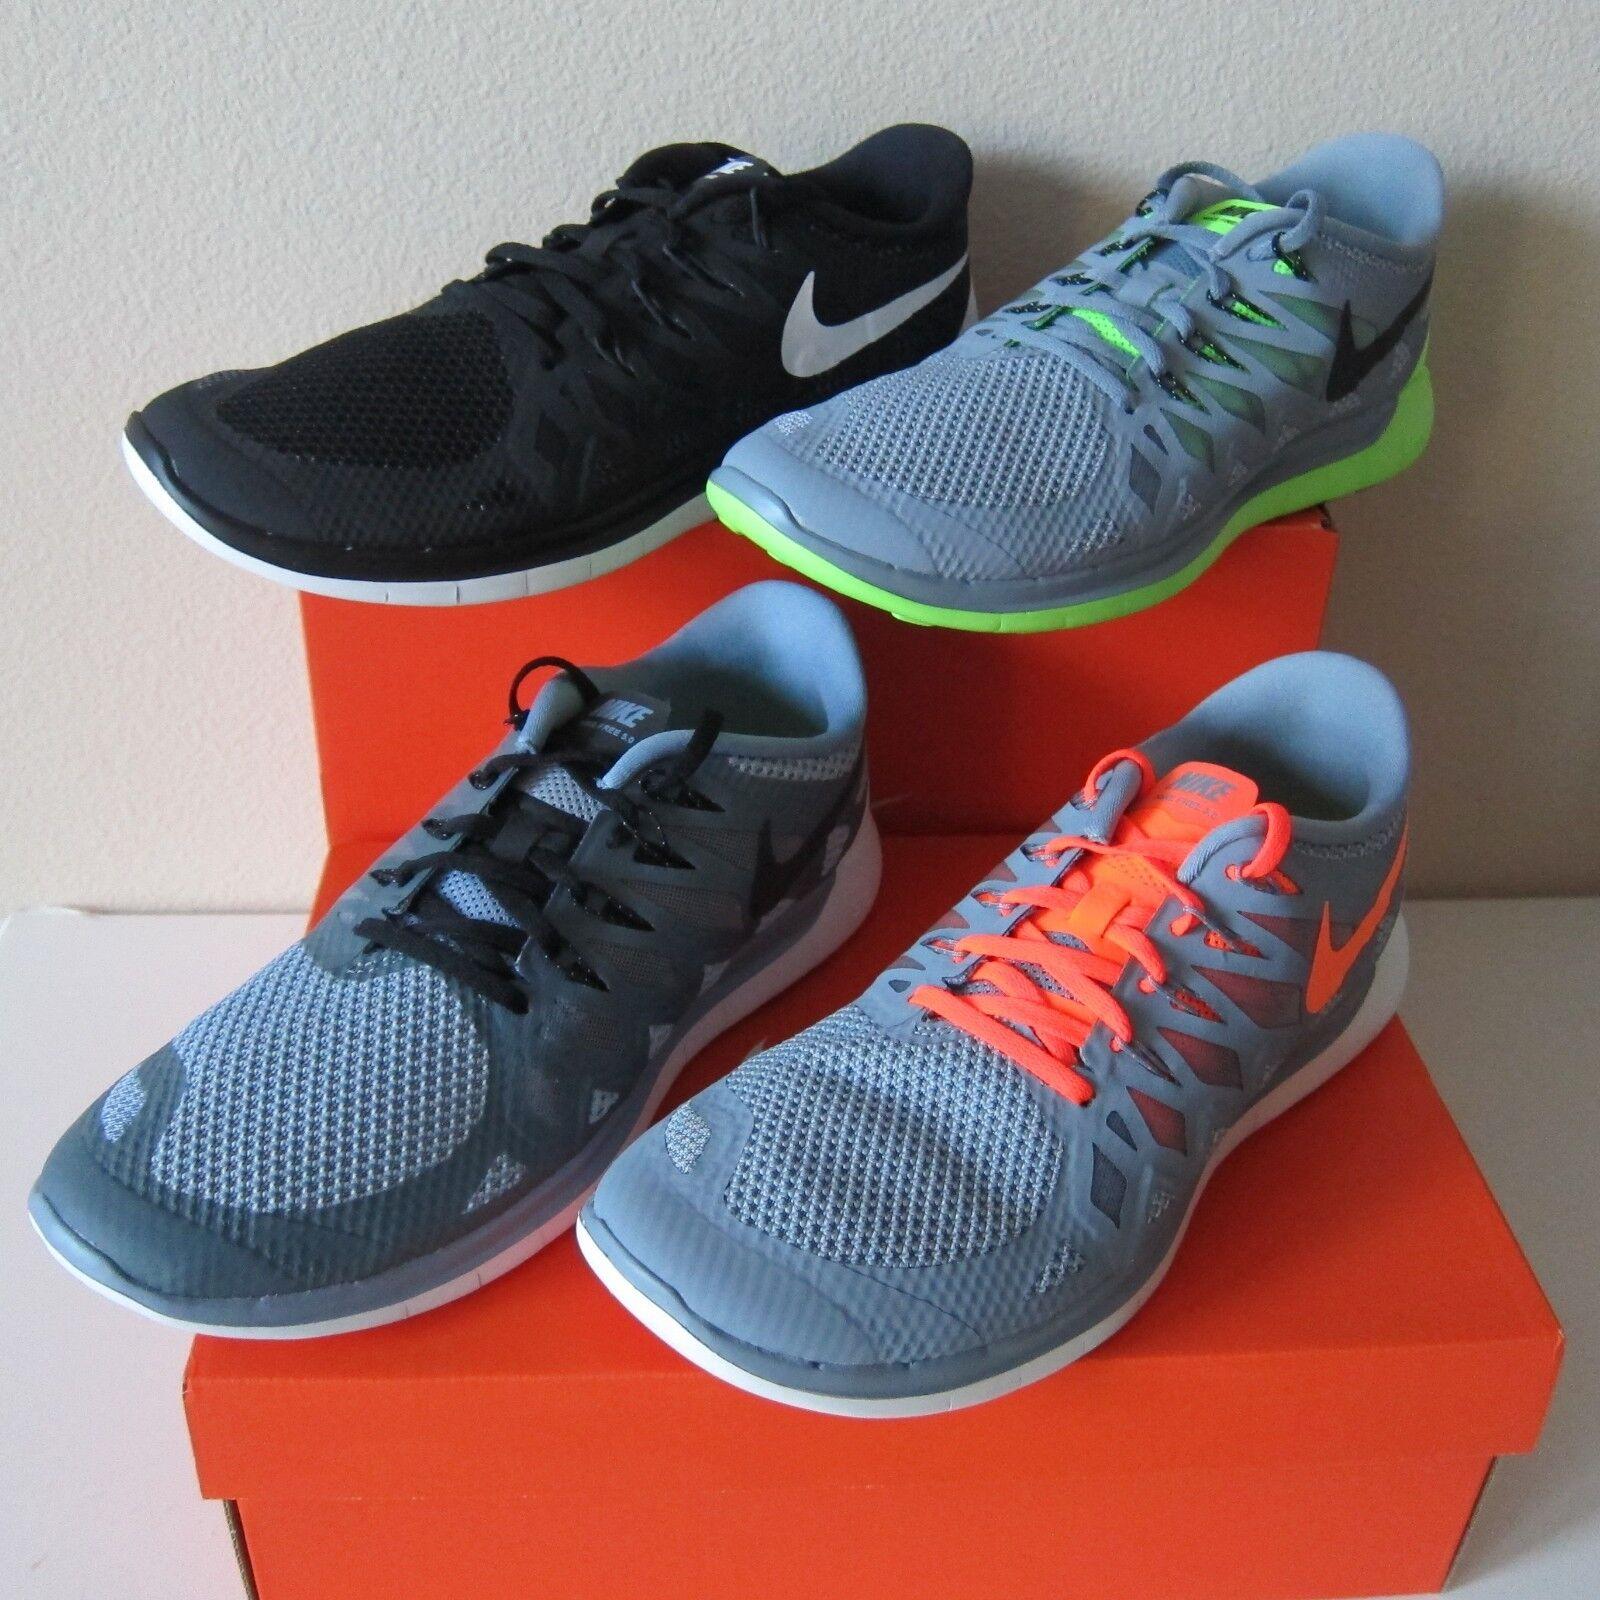 Nike Uomo´s Free 5.0 Running Shoes